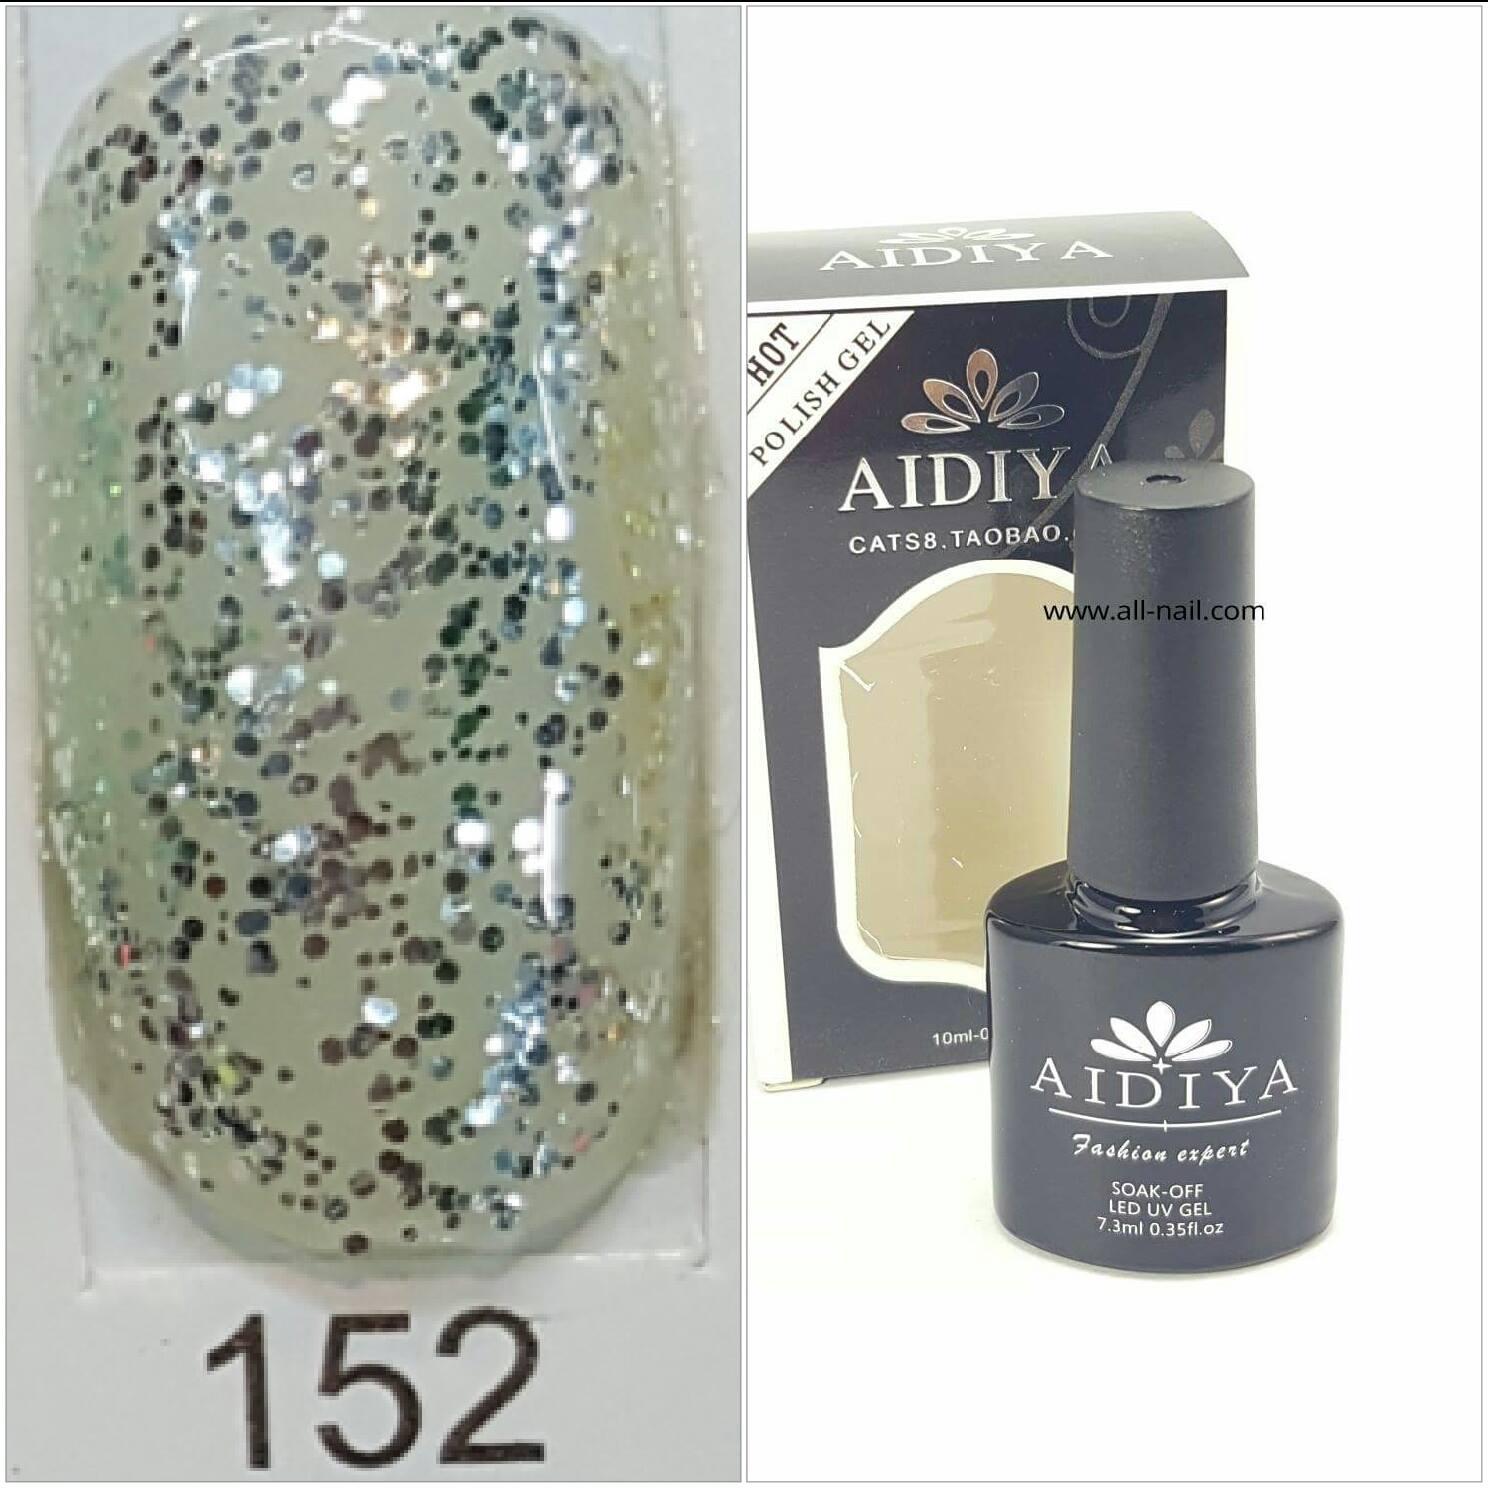 สีเจลทาเล็บ AIDIYA #152